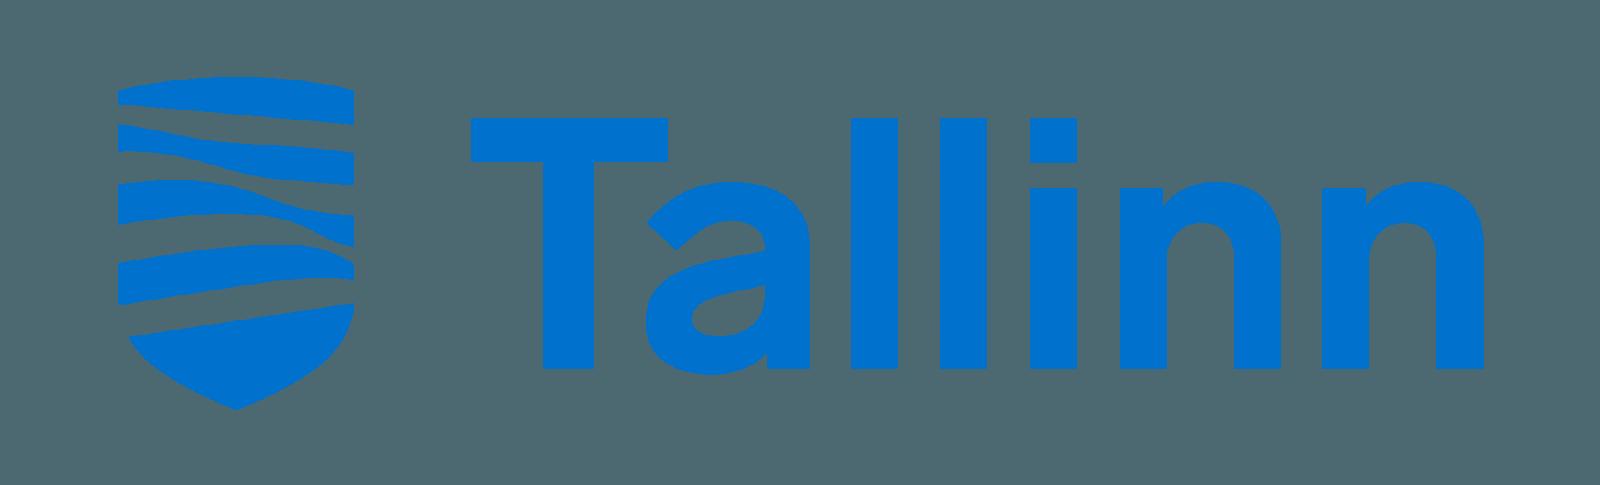 Tallinna logo